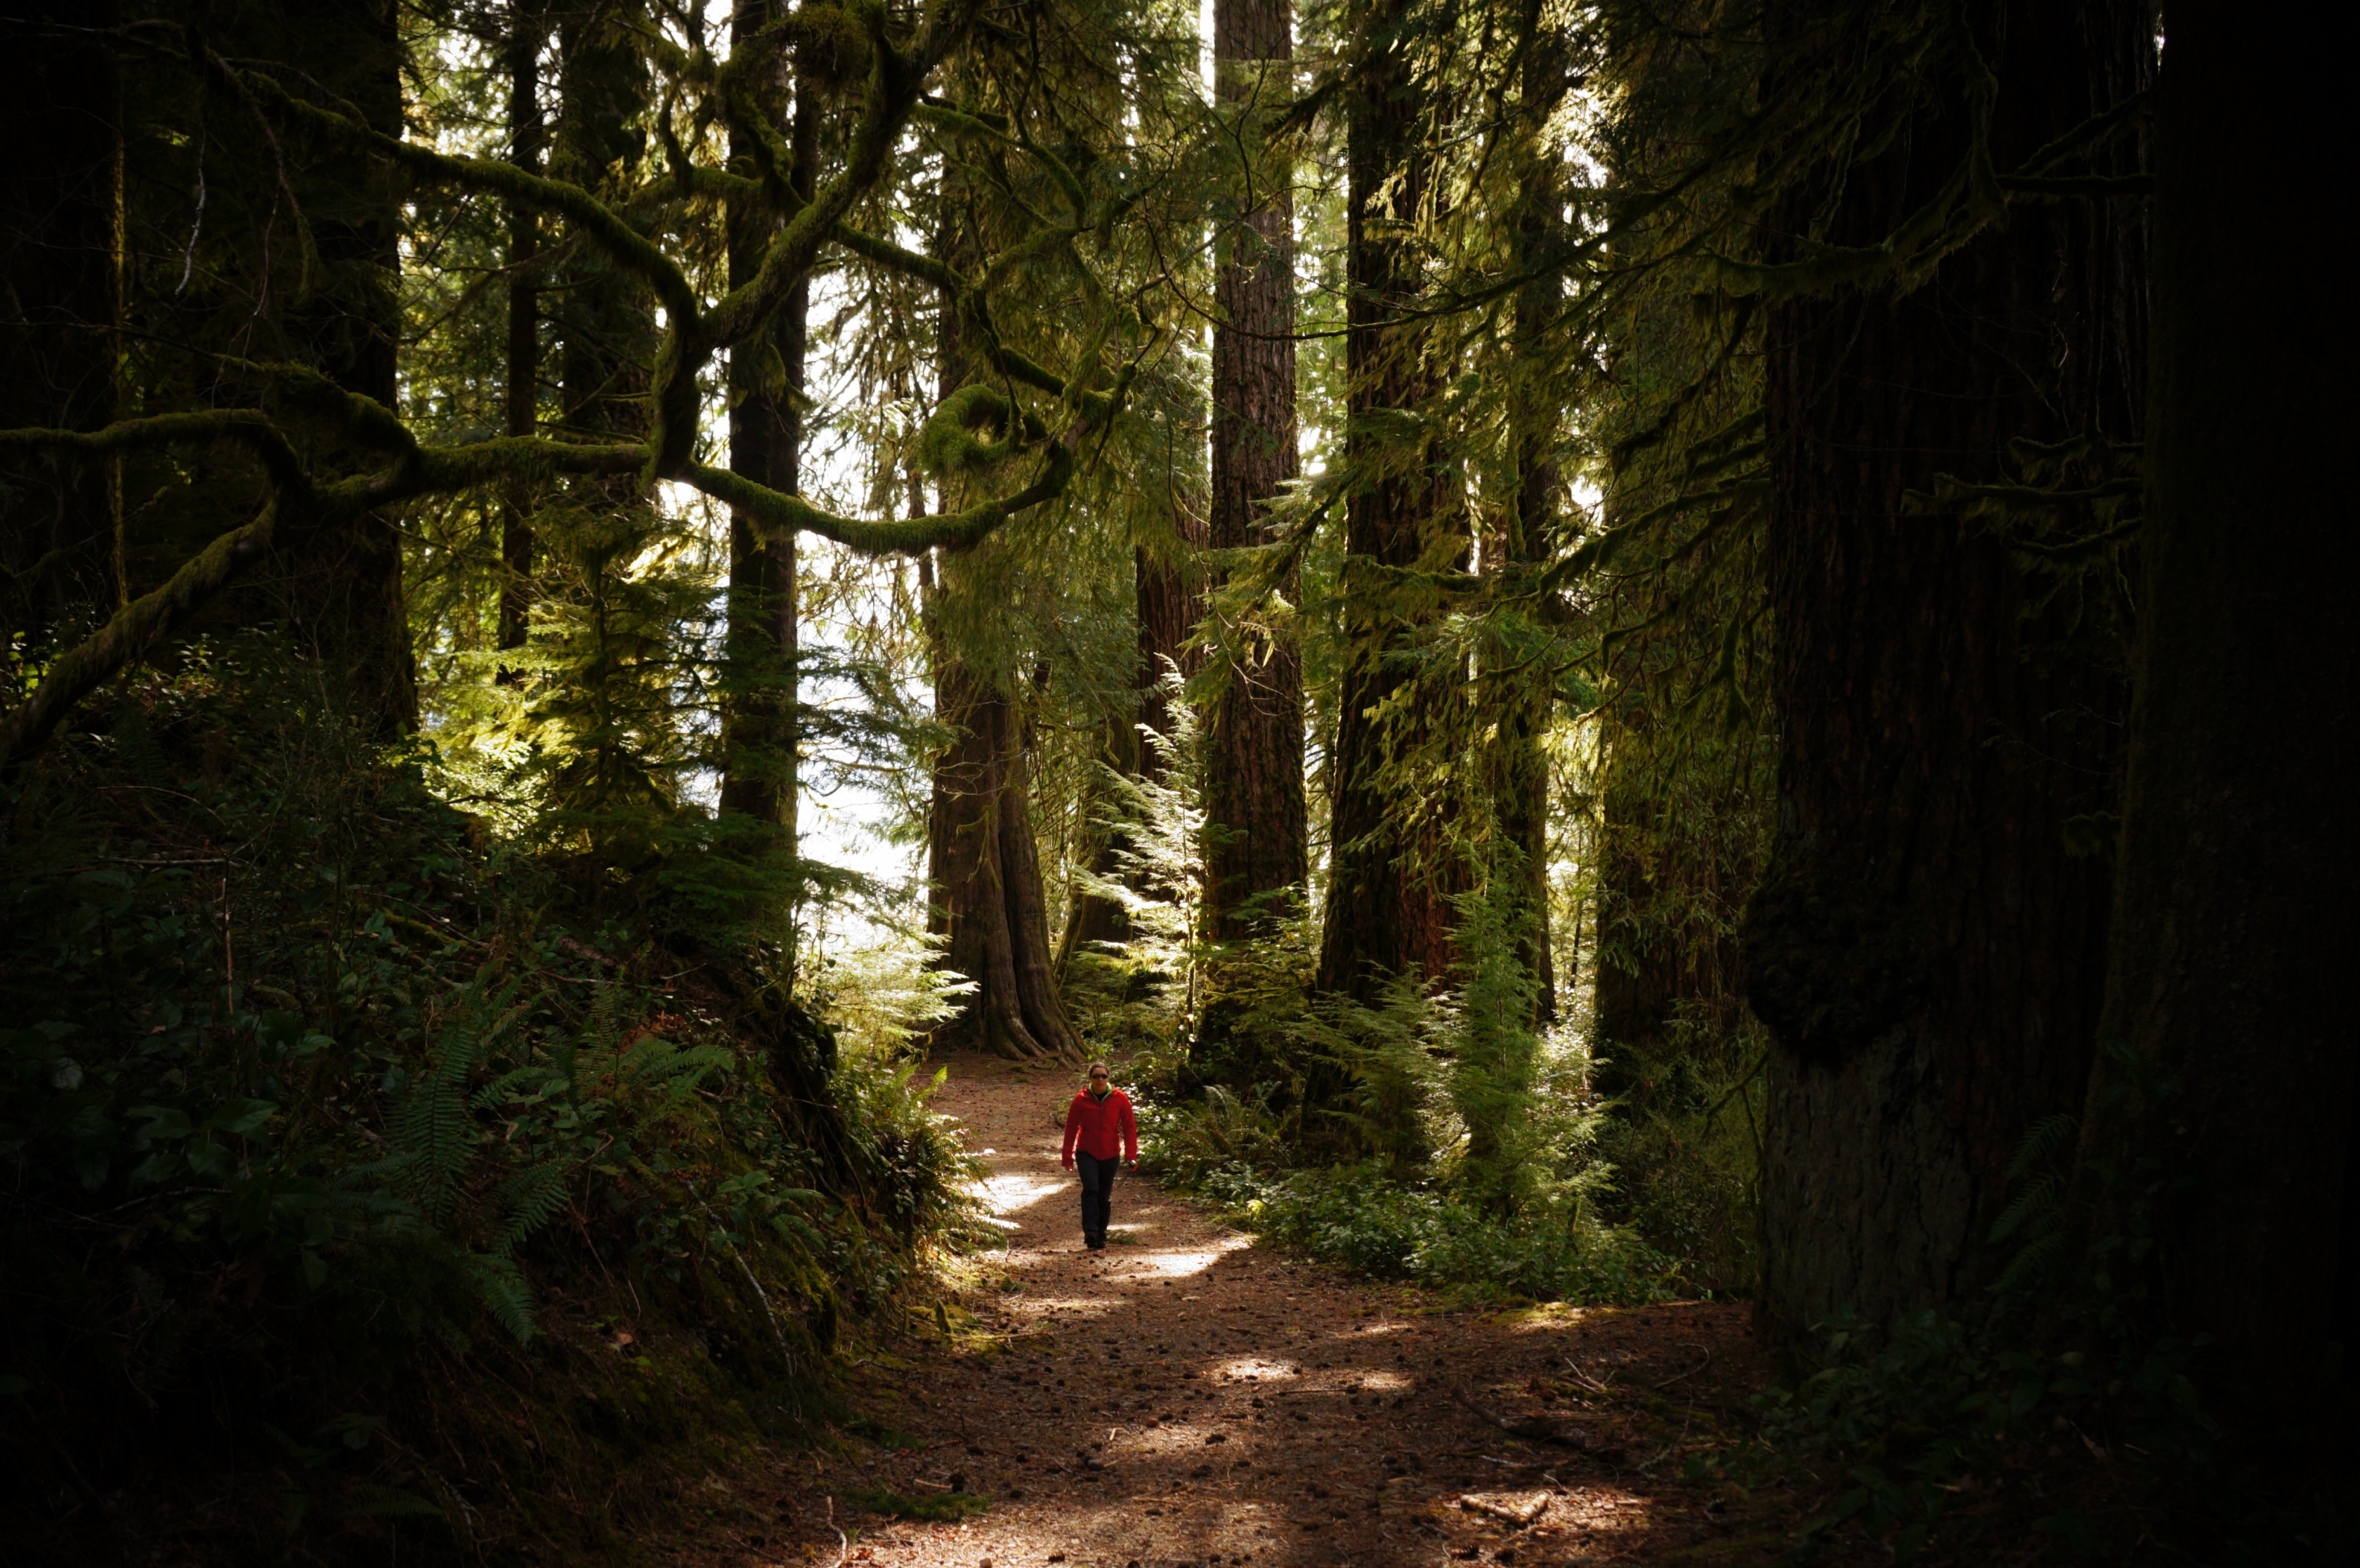 Un caminante hace su camino por el bosque en el Parque Nacional Olympic.